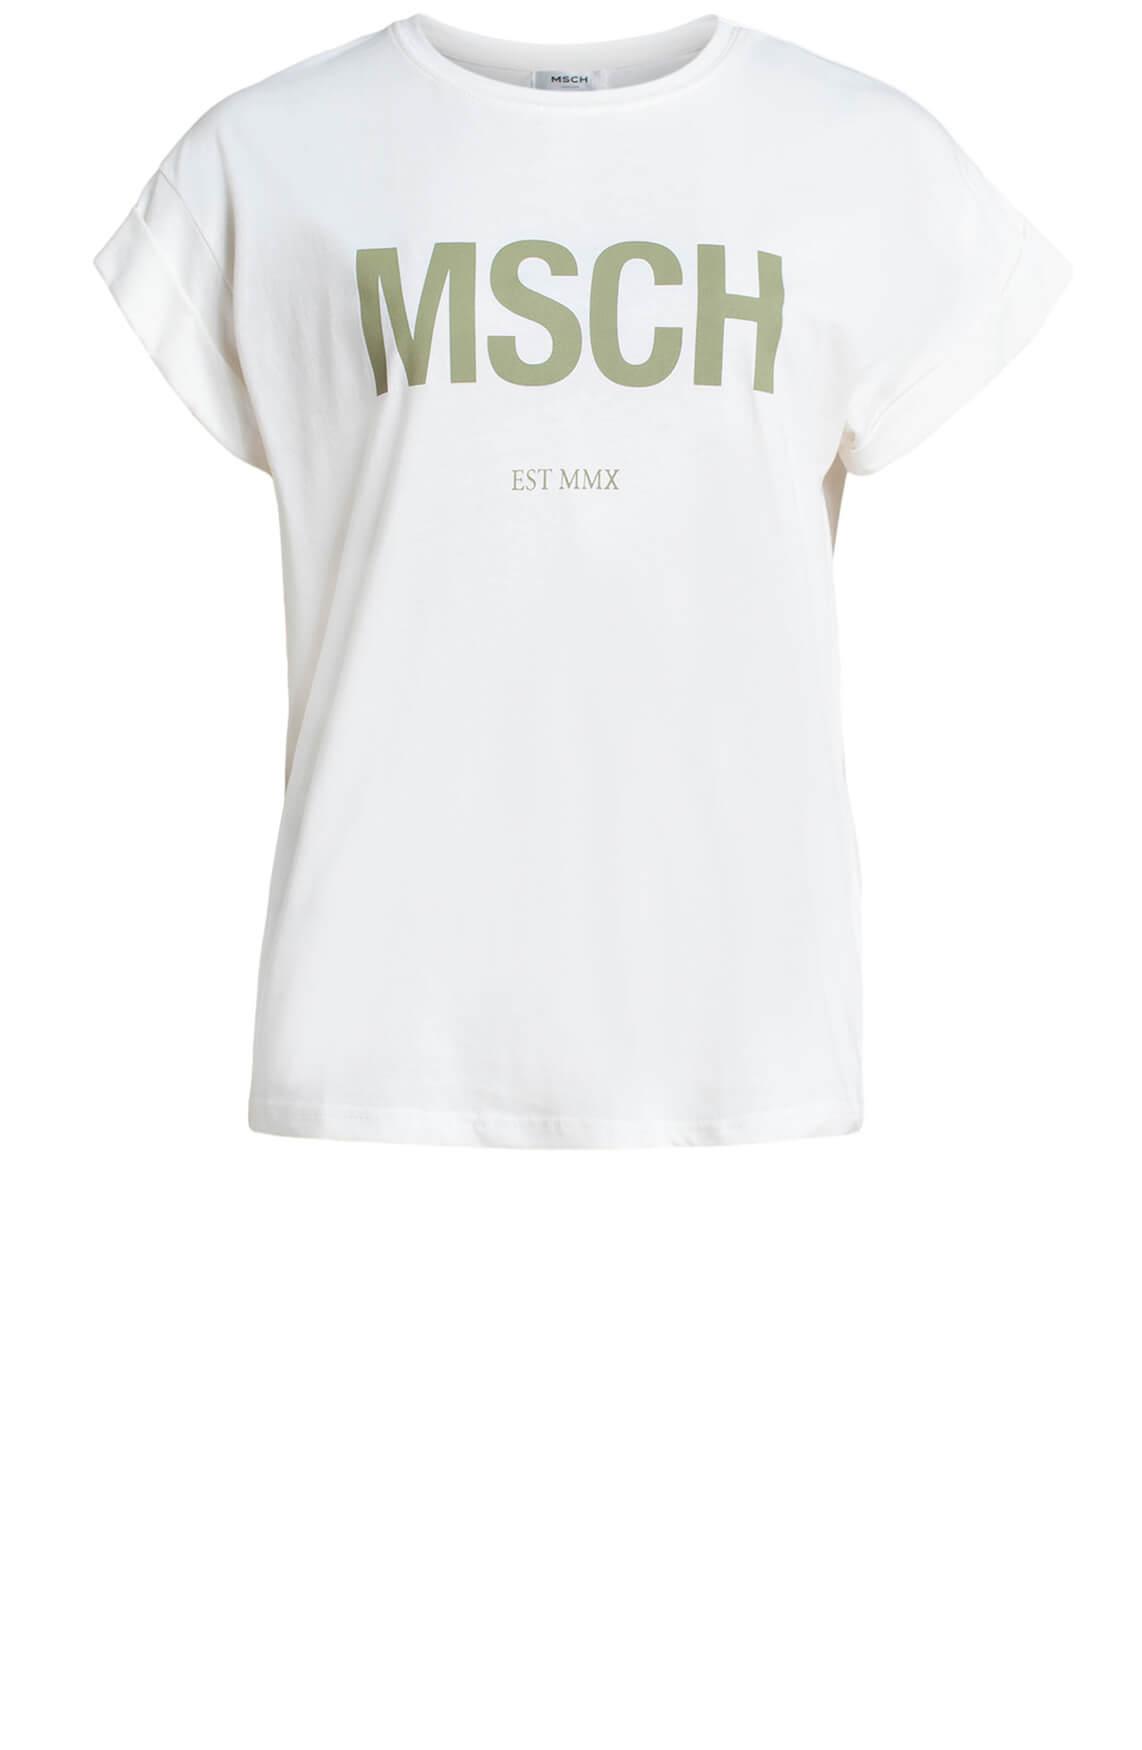 Moss Copenhagen Dames Alva MSCH shirt groen